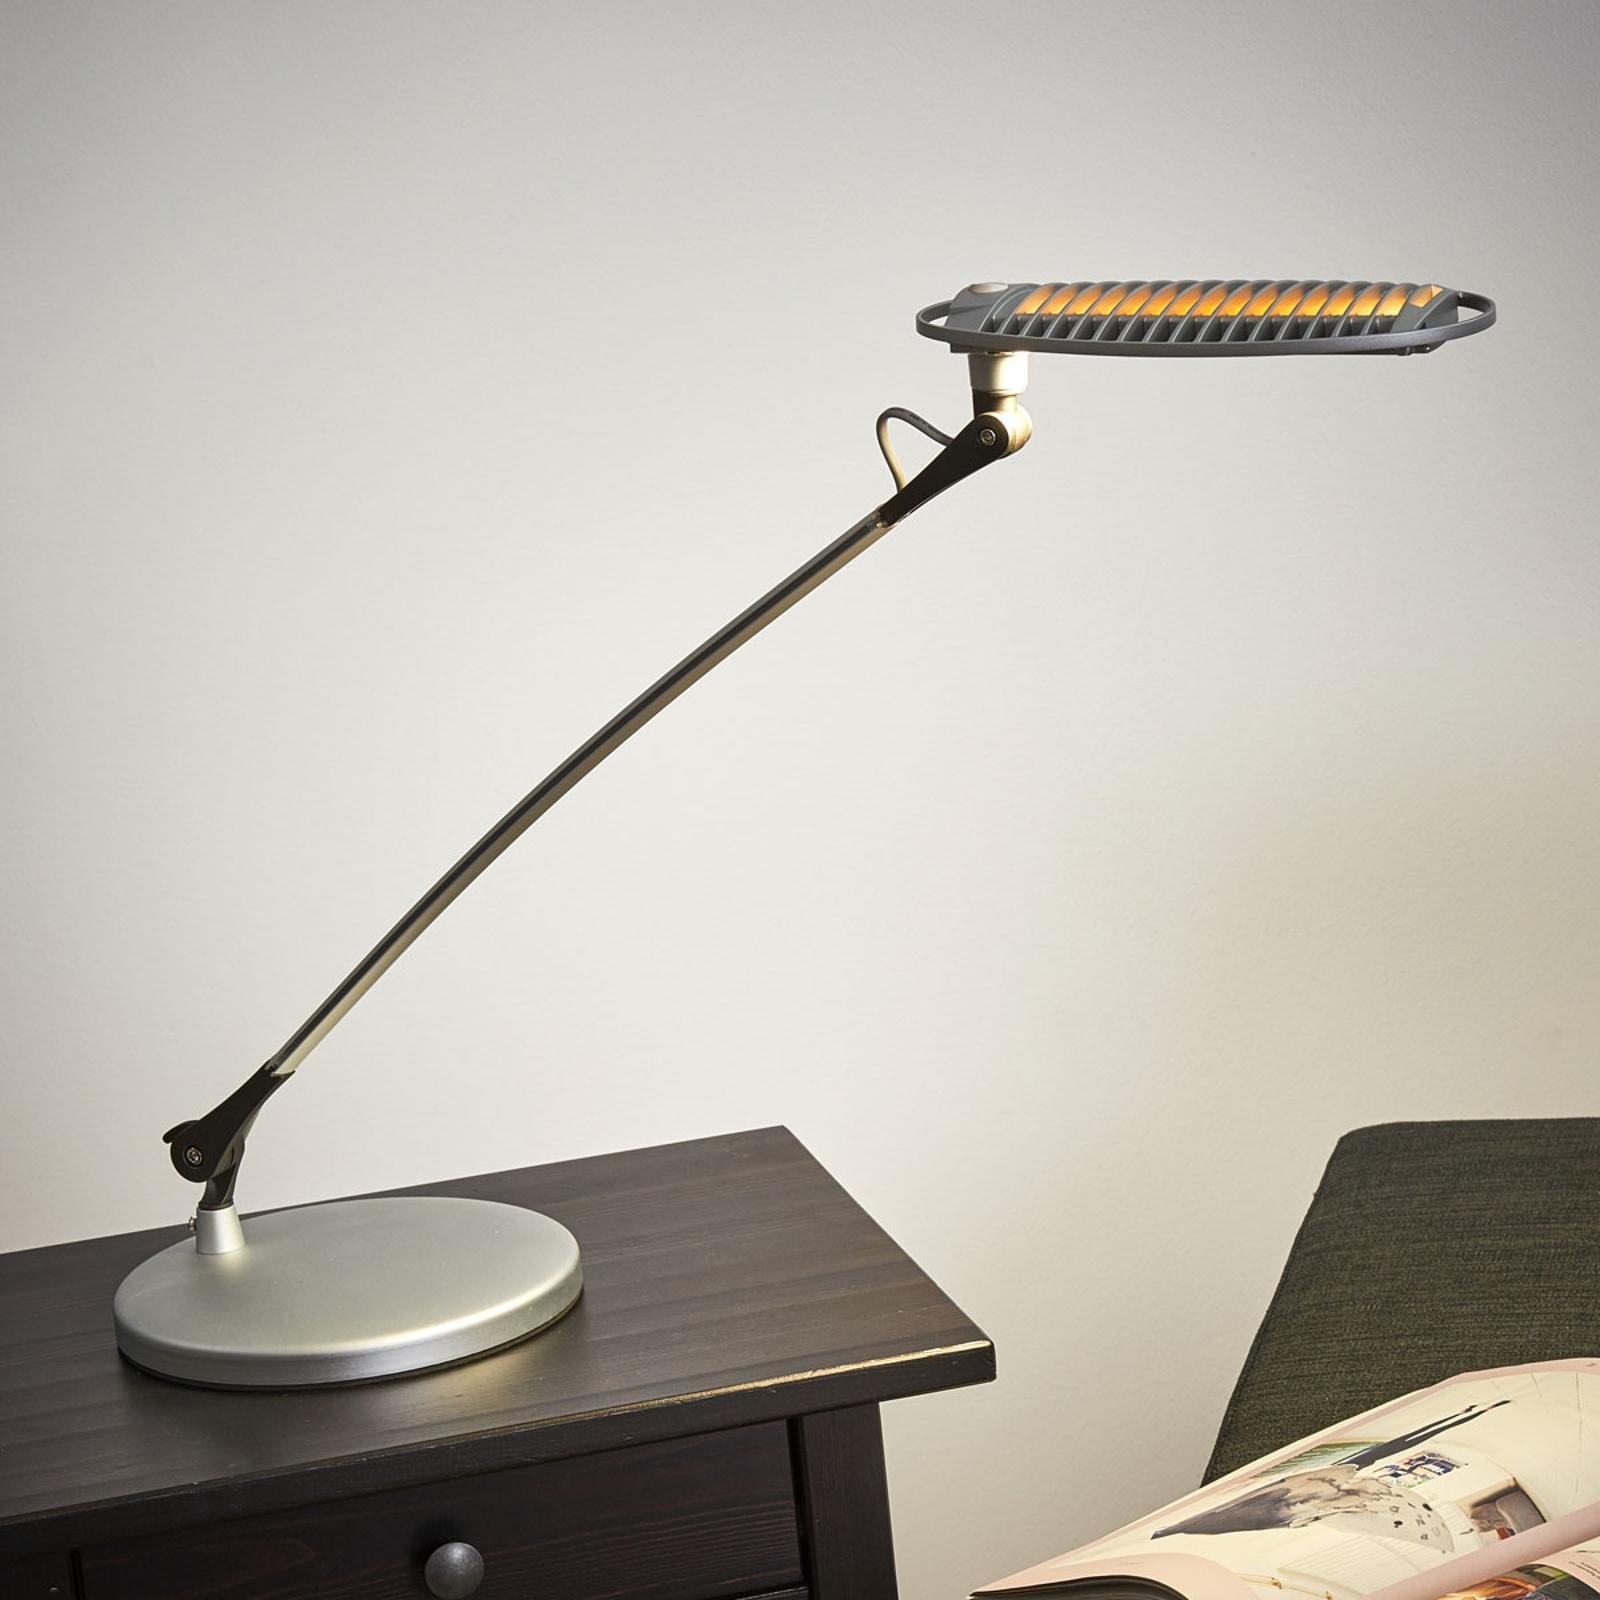 Calandre – stolná lampa LED, 12W_1065004_1